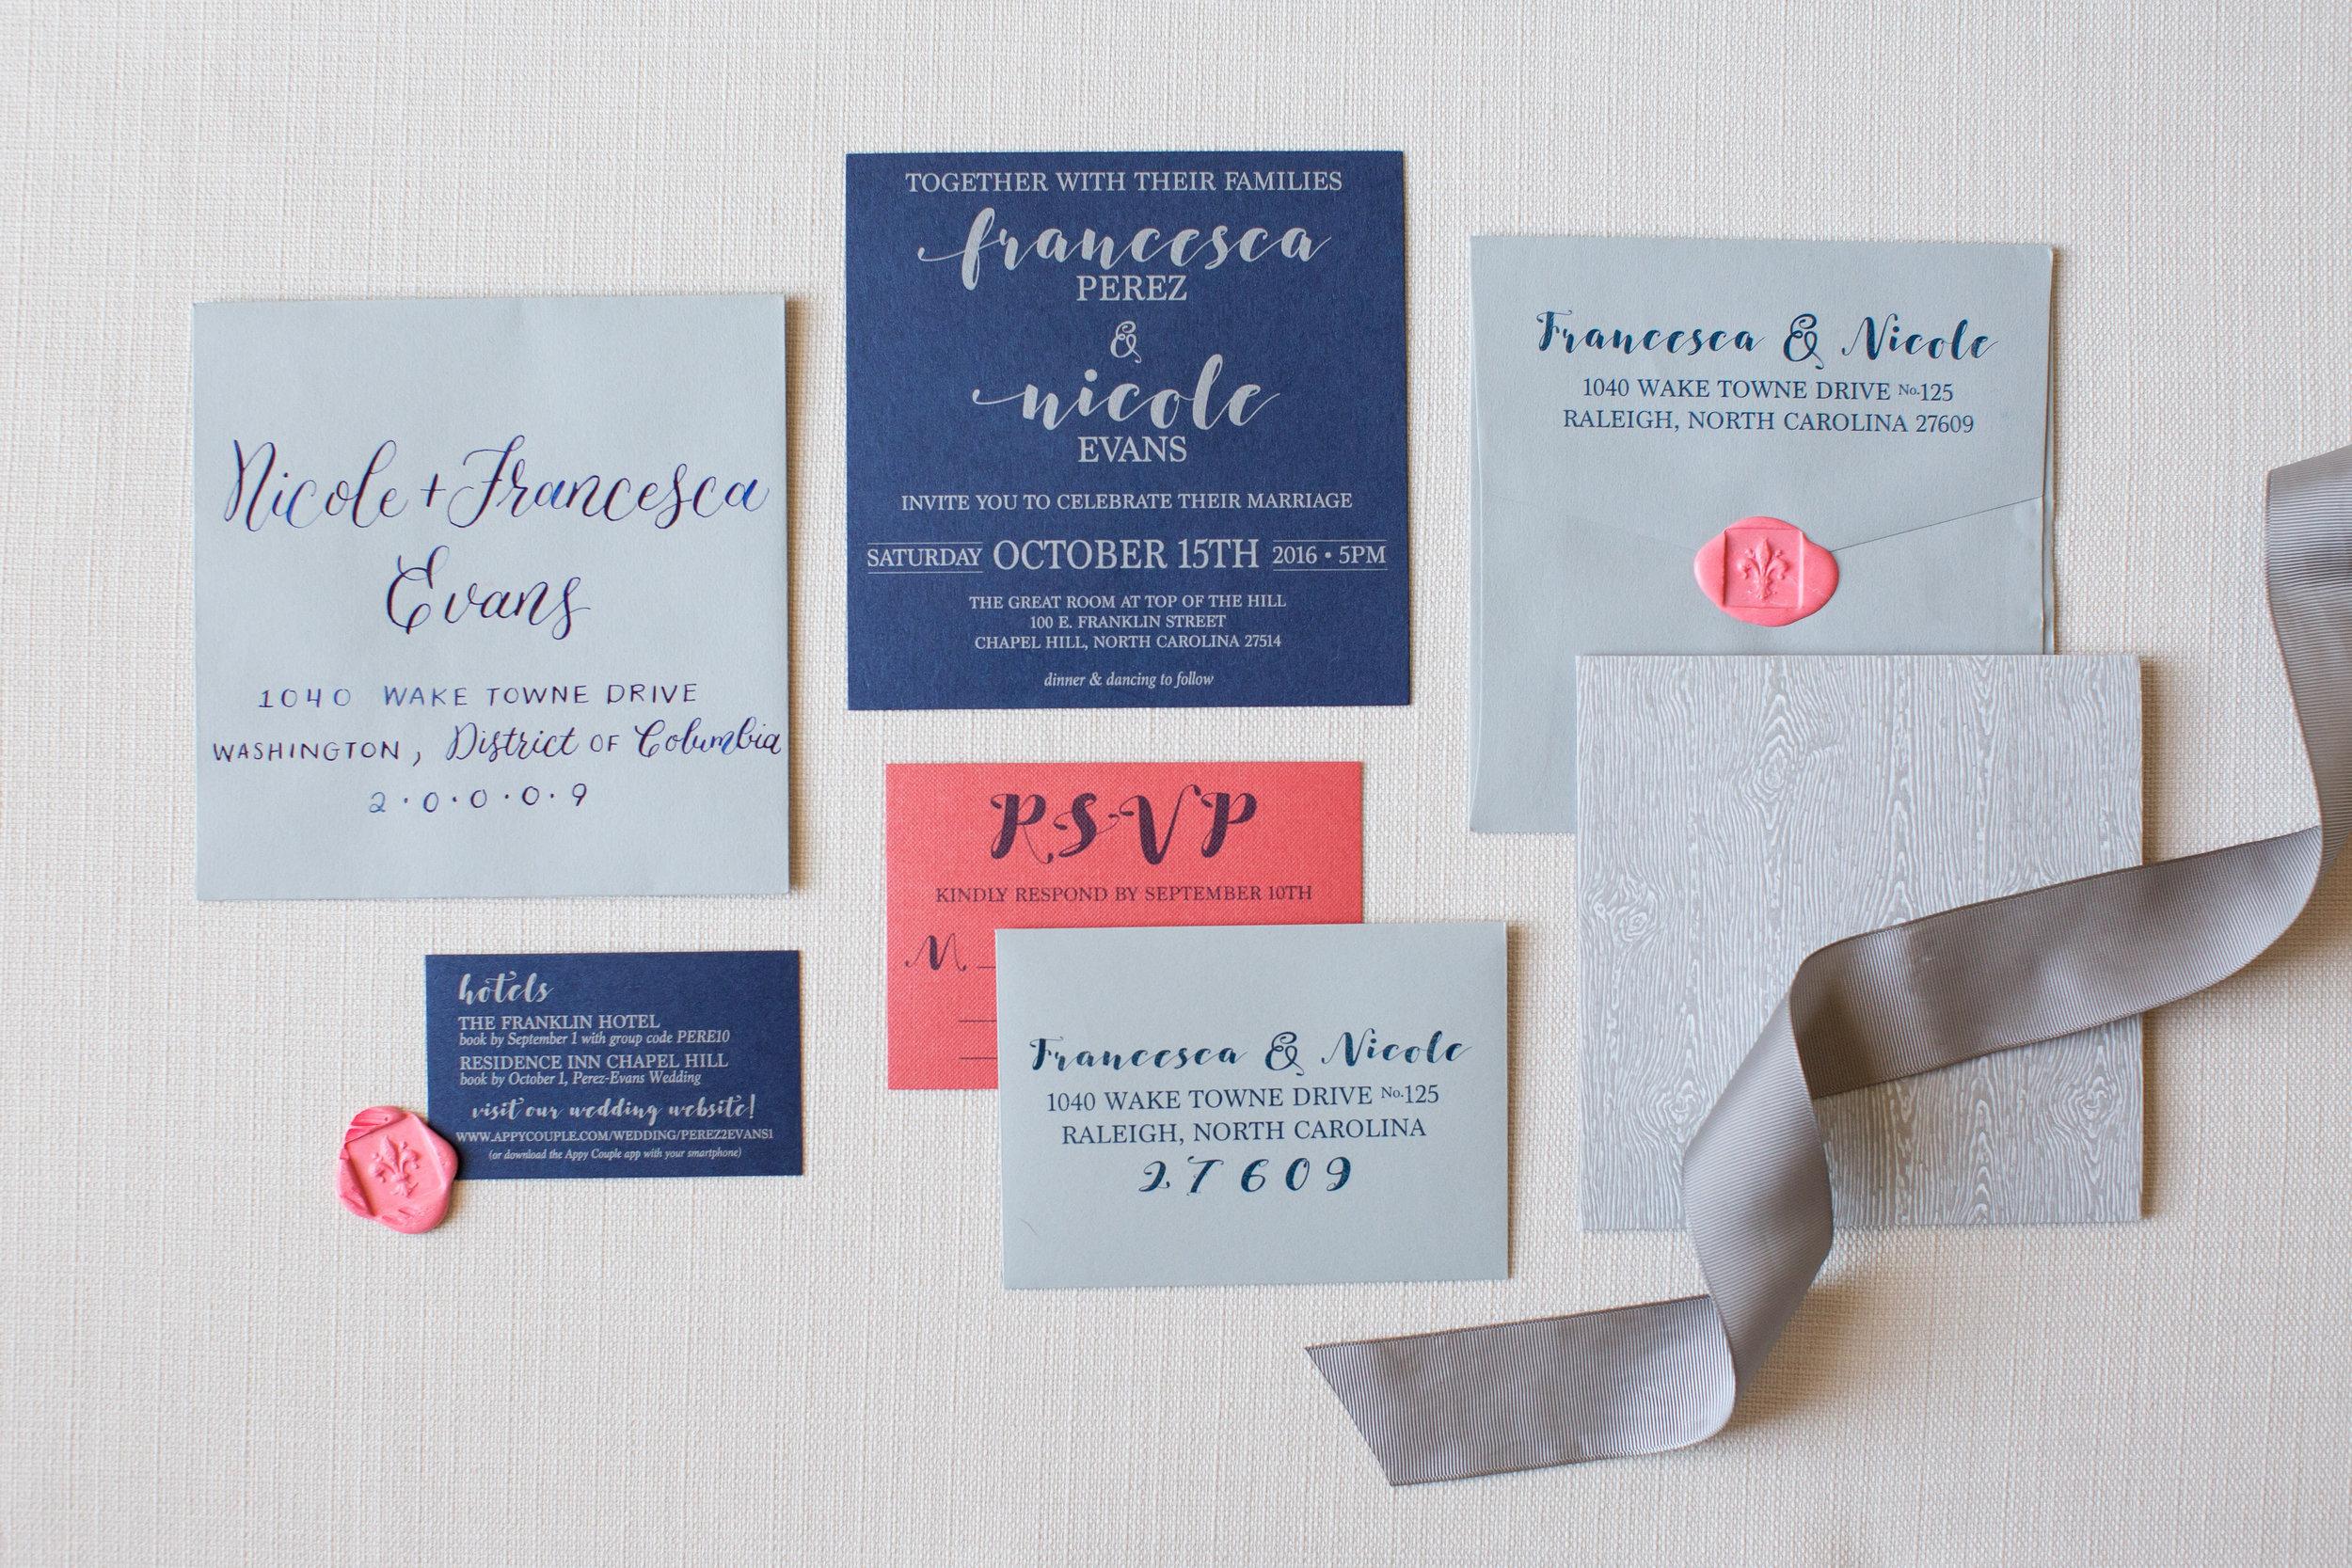 fran & nicole invitations